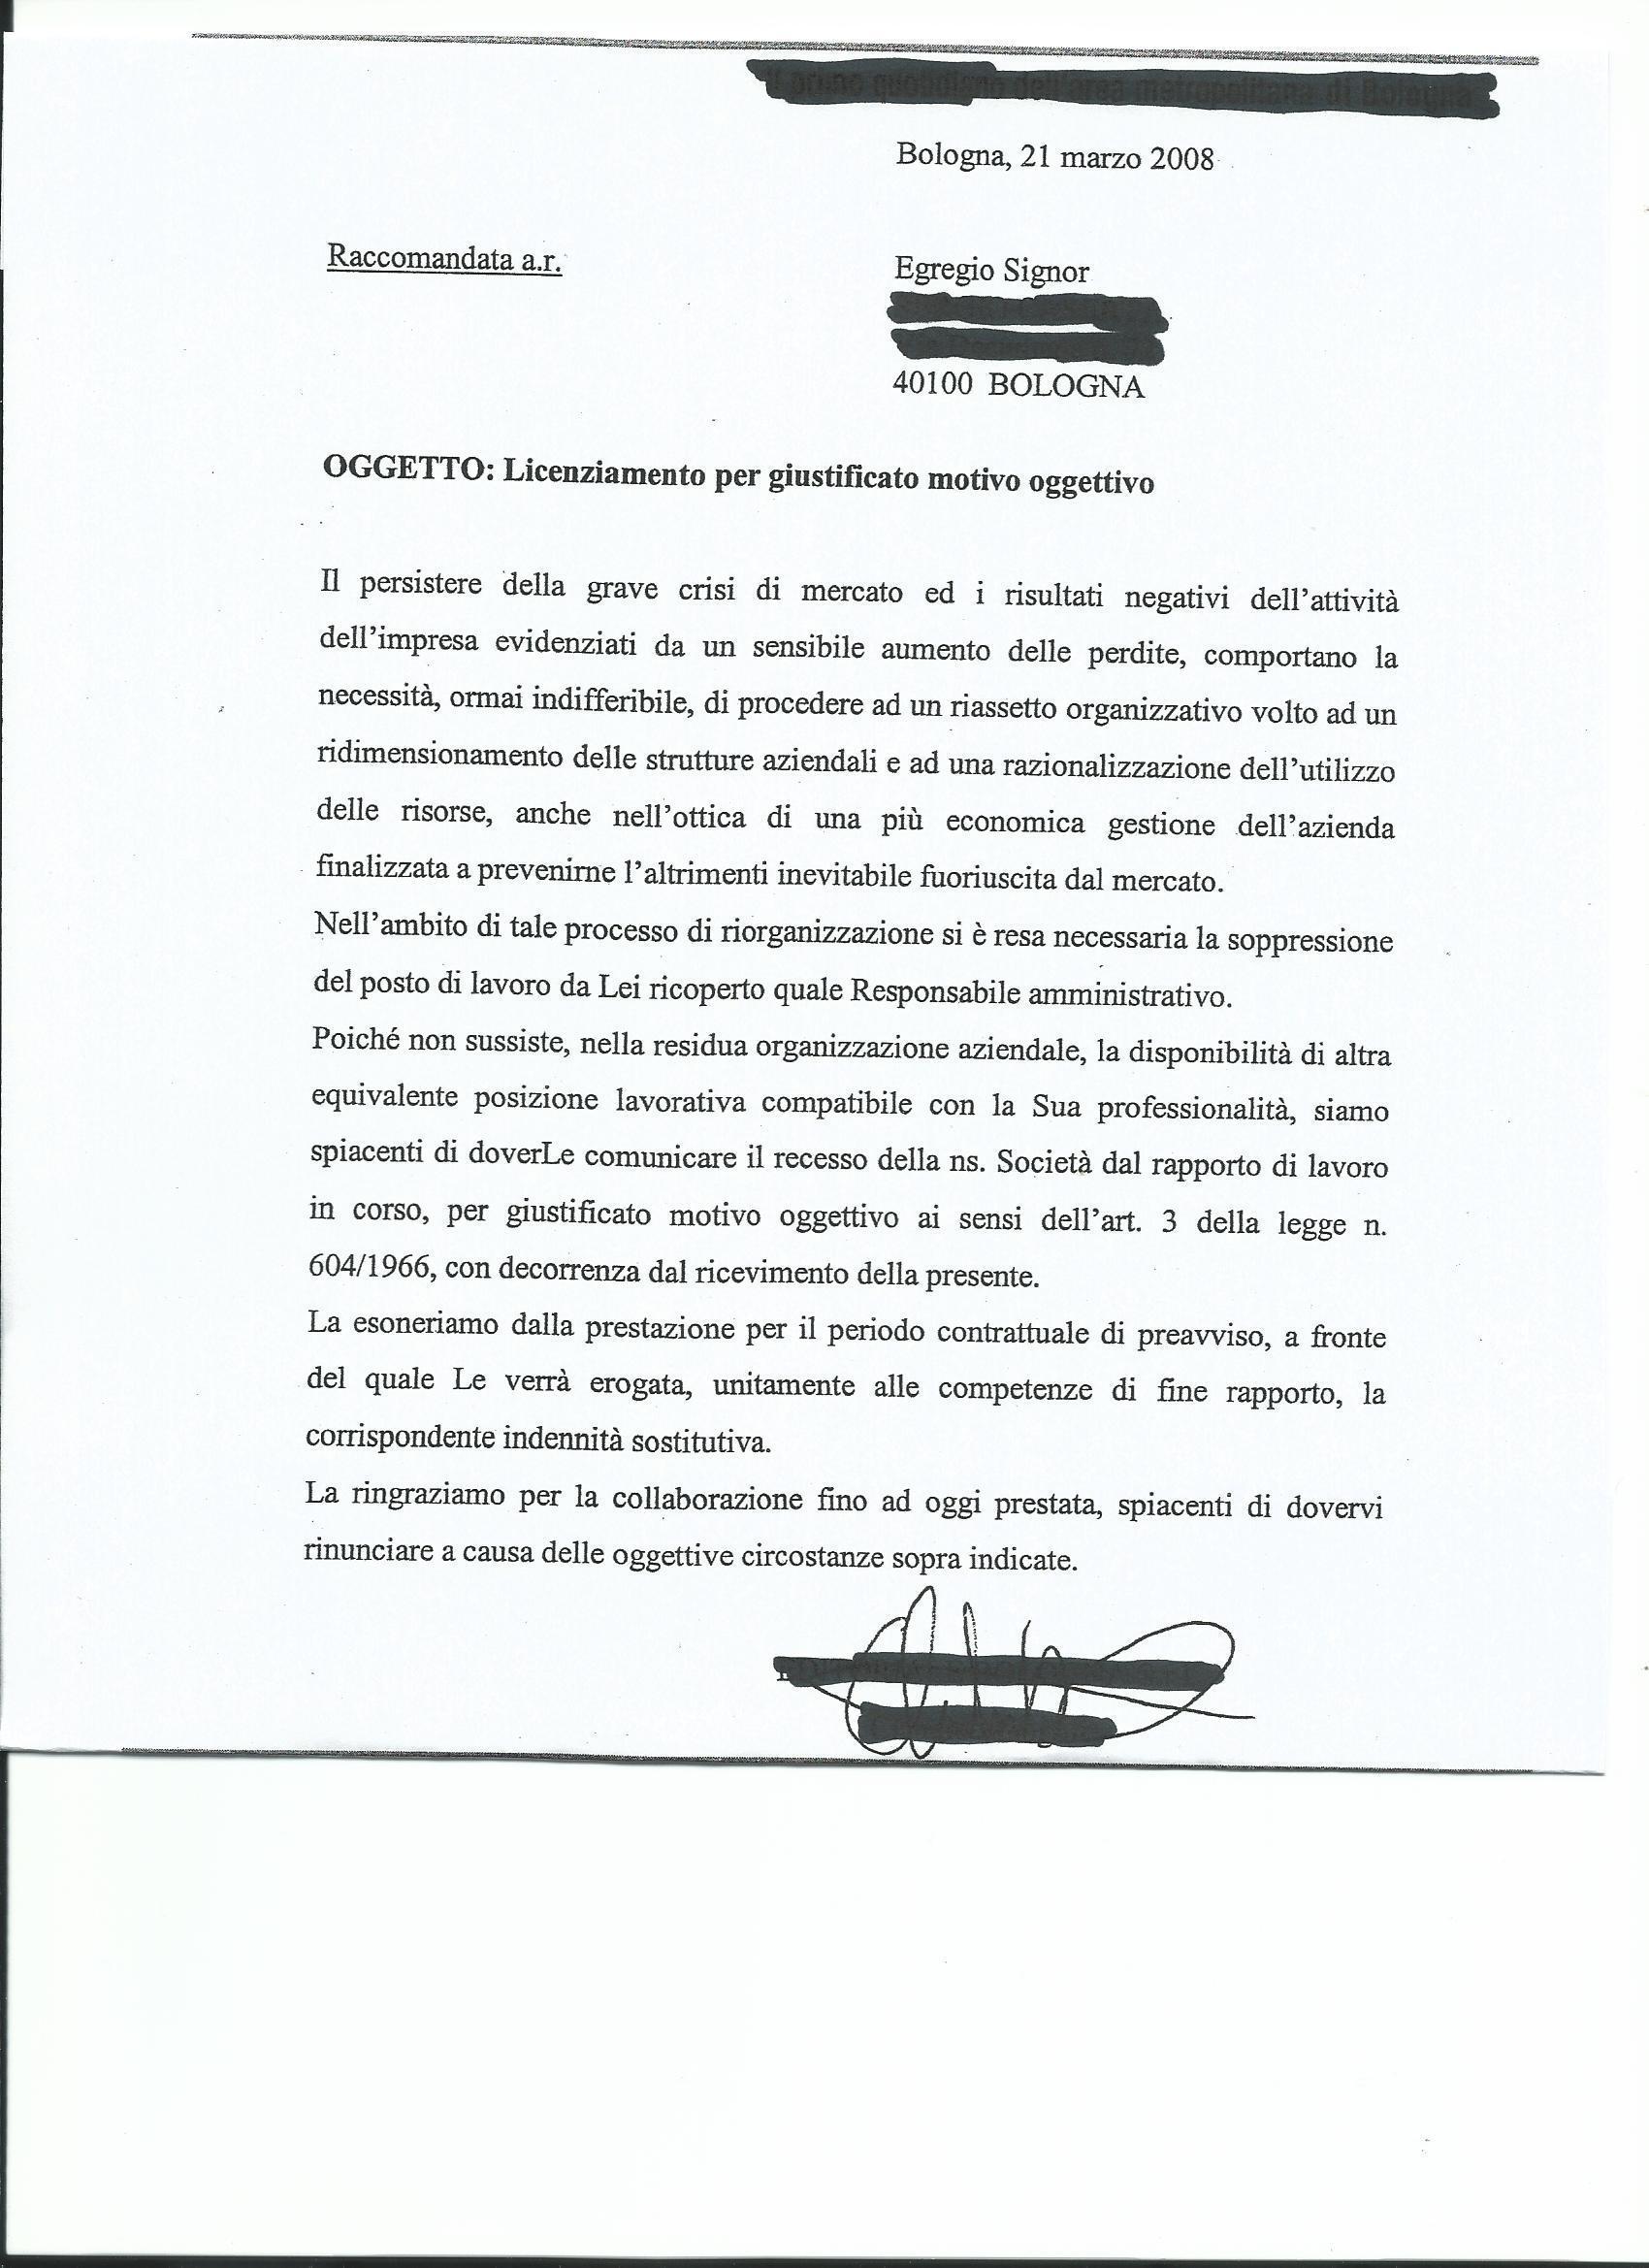 articolo 18: storia di una lettera di licenziamento - il fatto